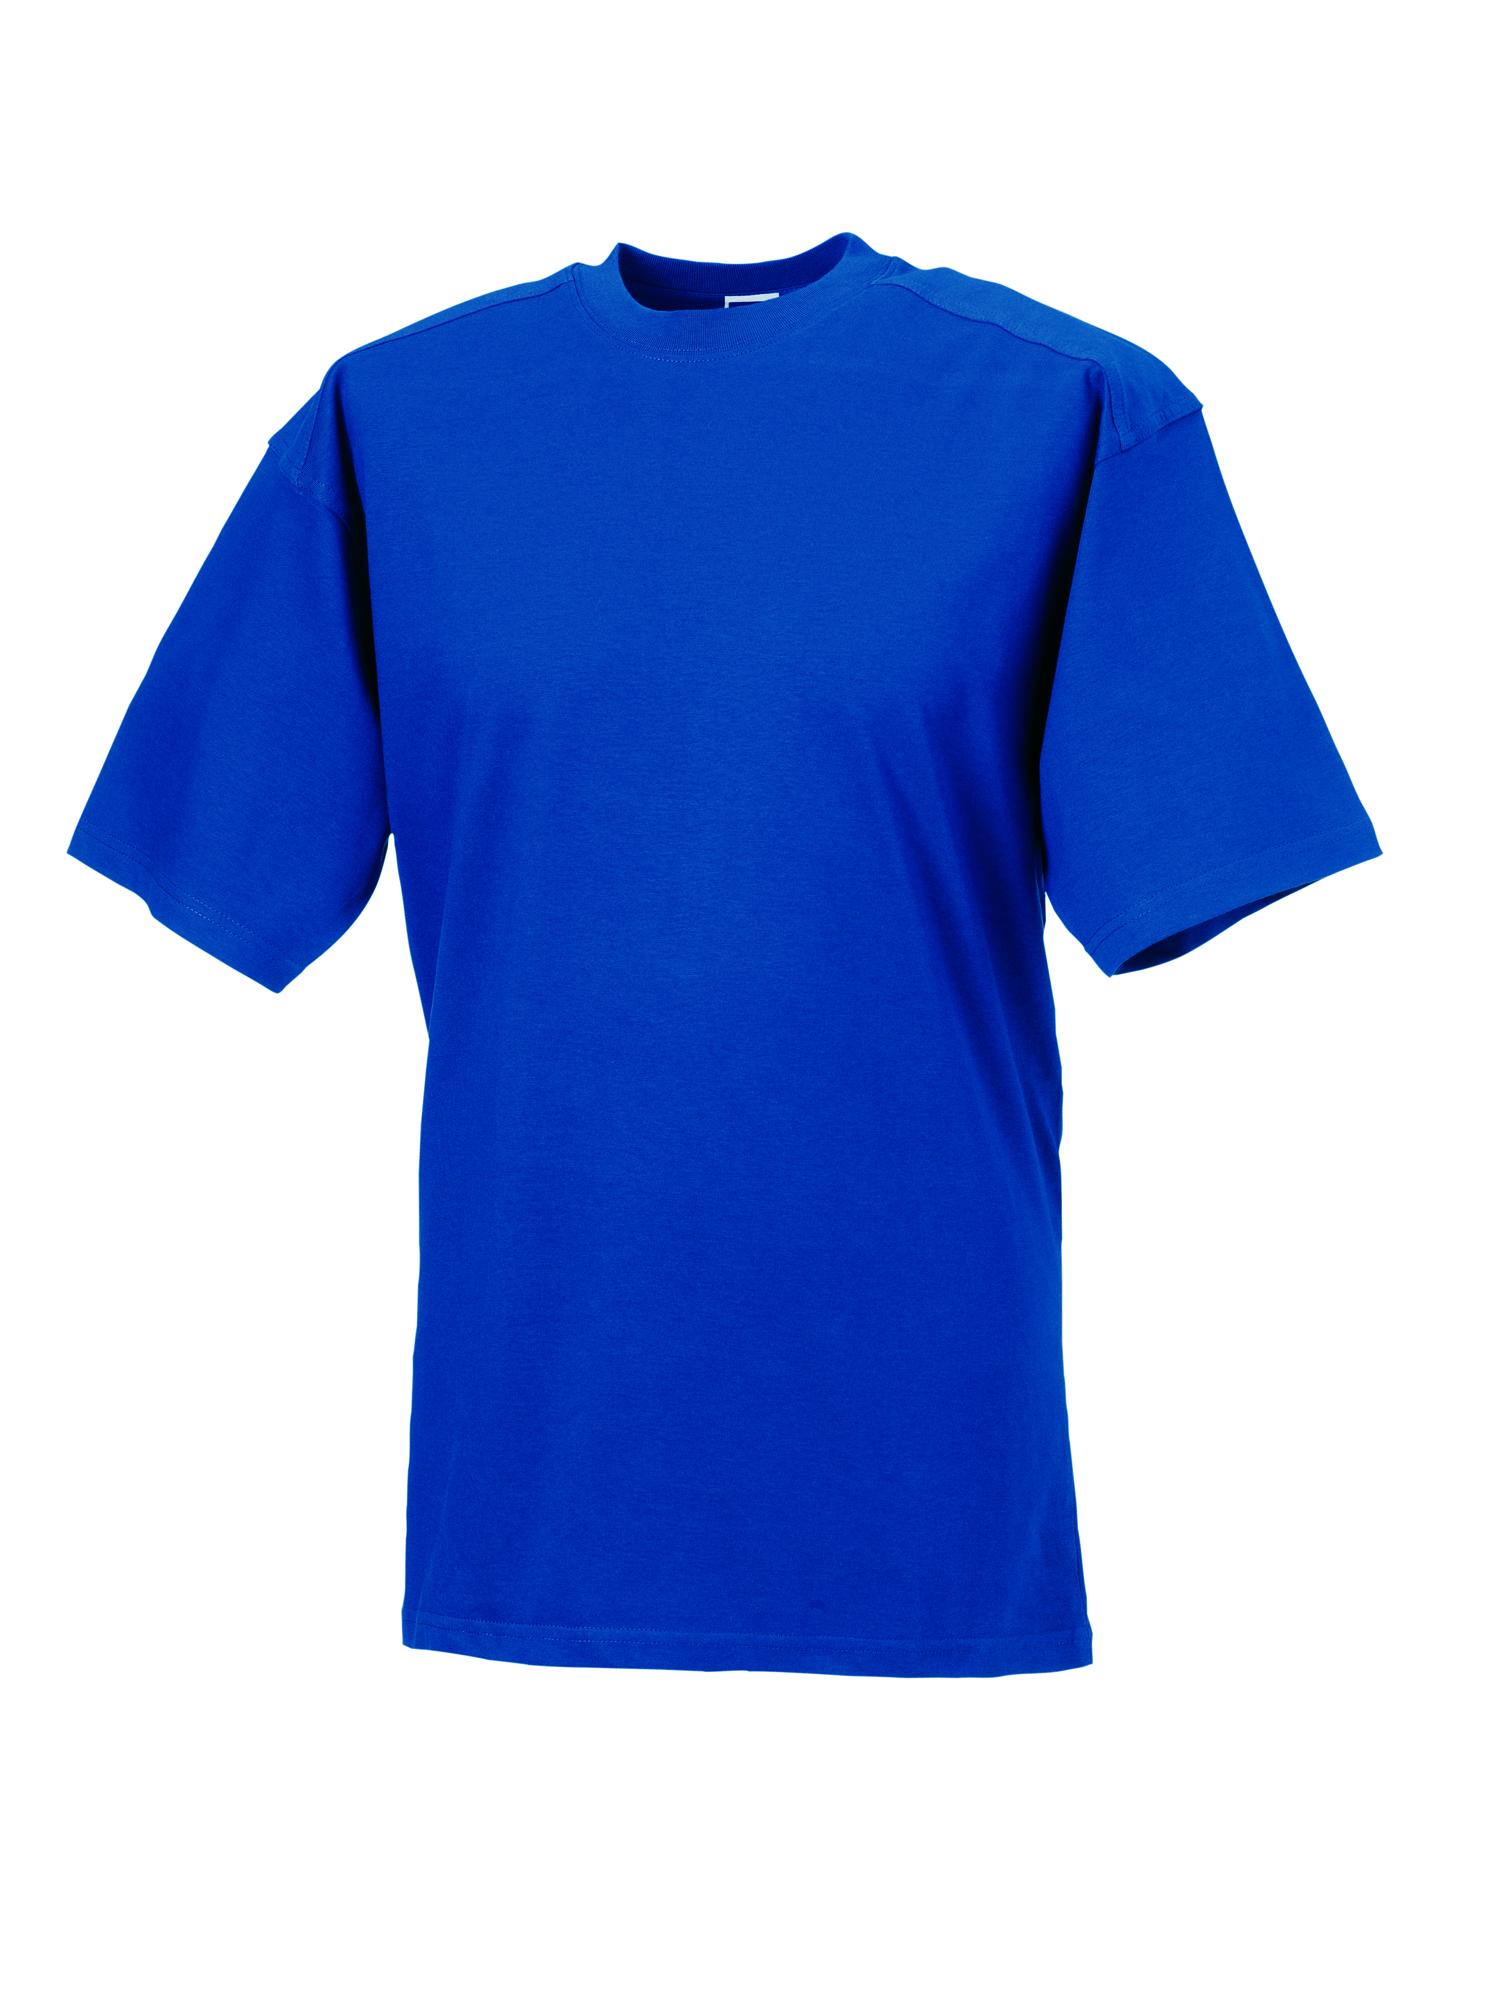 Heavy Duty T-Shirt - Bright Royal - S